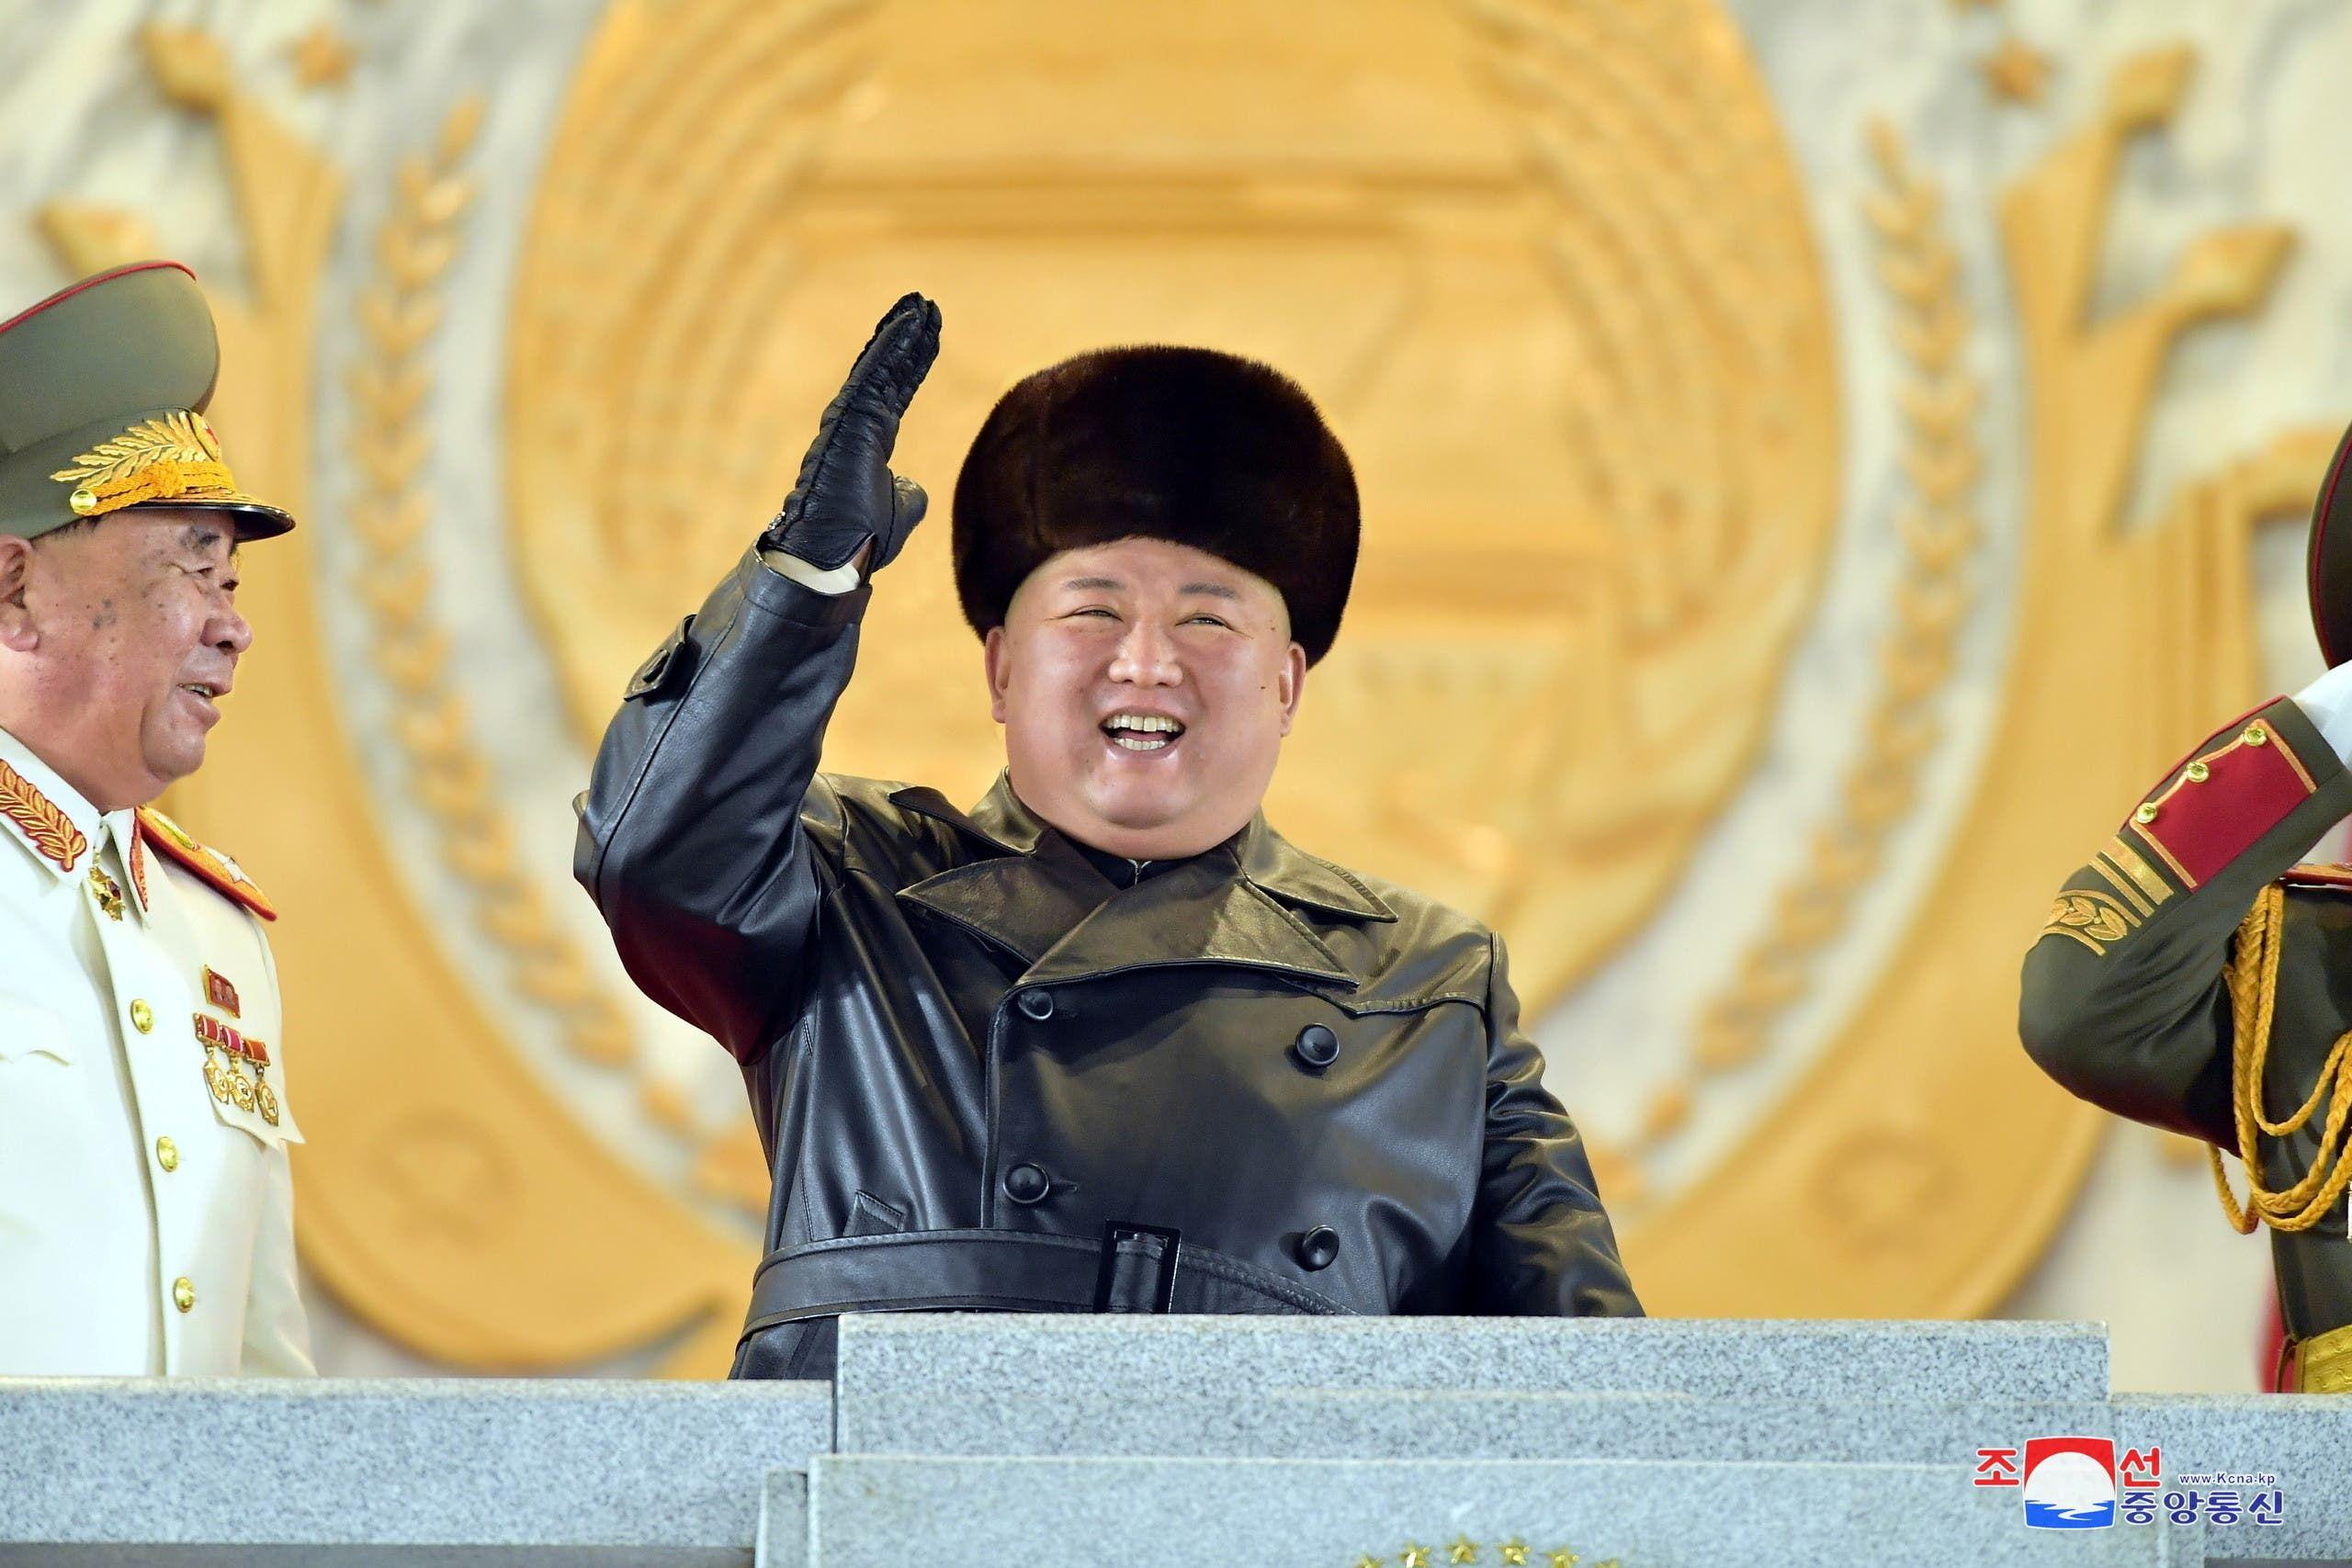 زعيم كوريا الشمالية كيم يونغ جون أثناء الاستعراض العسكري